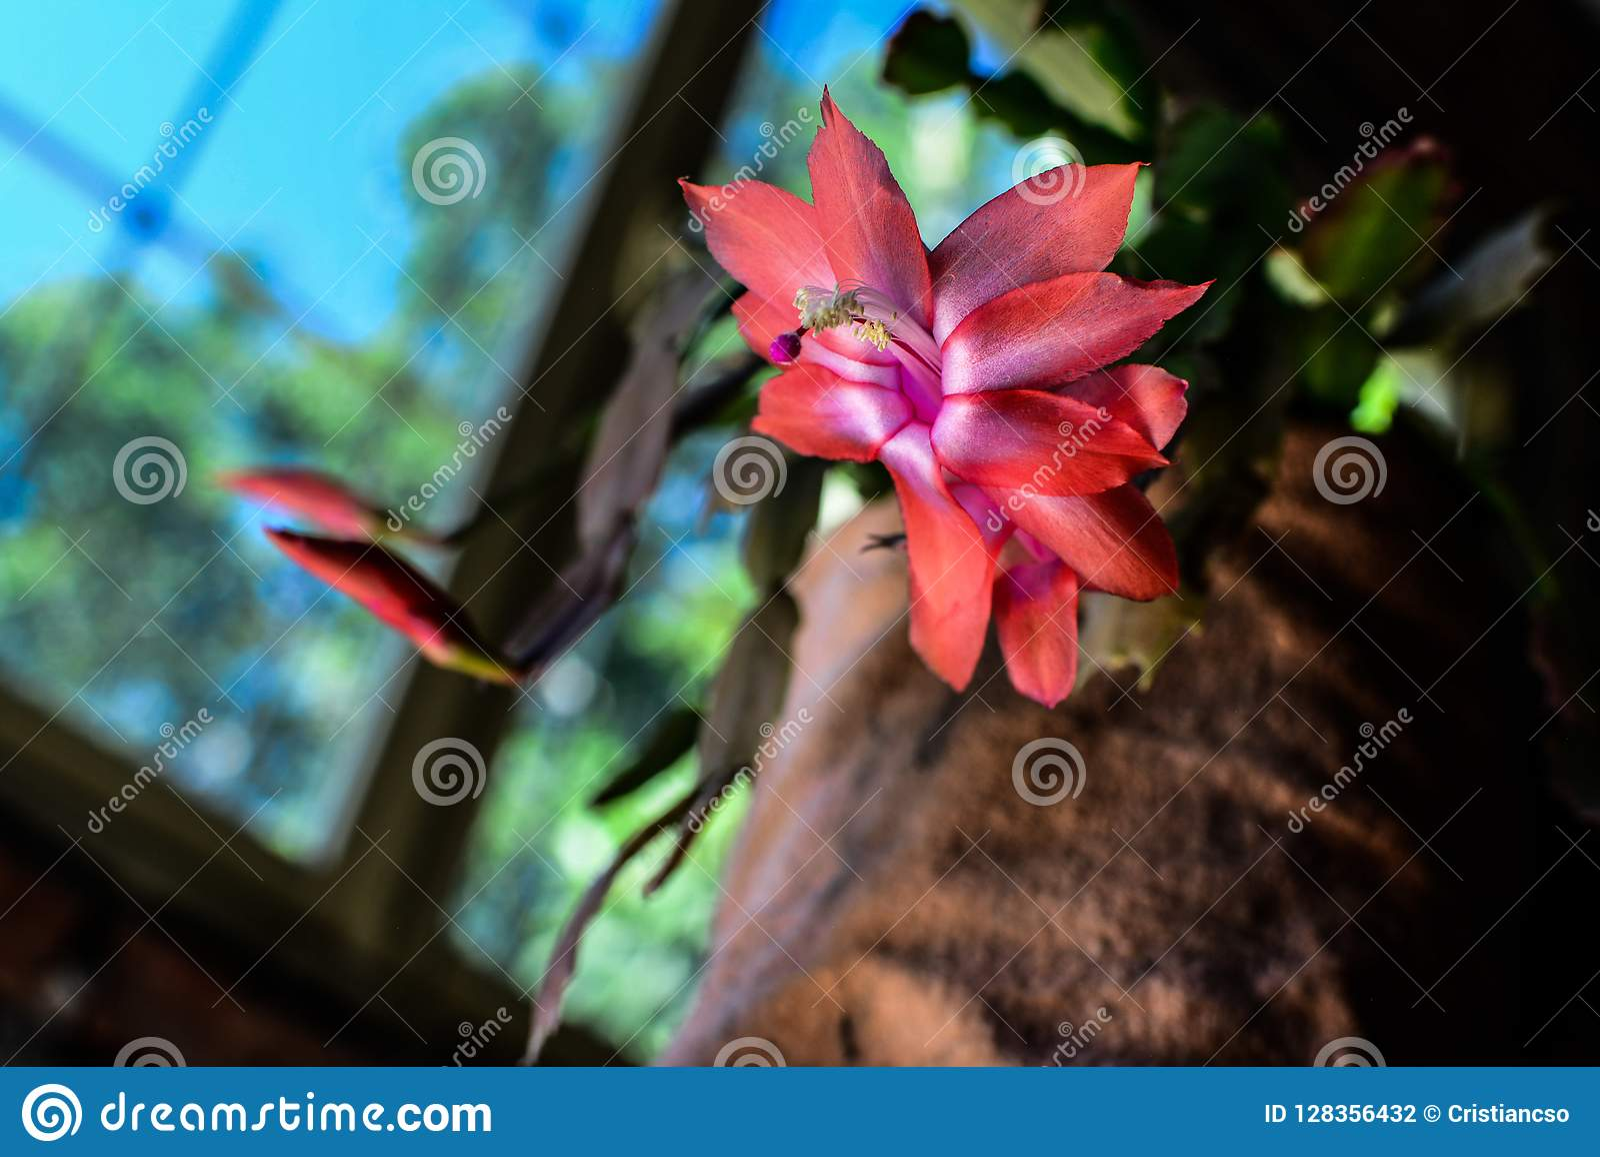 Epiphyllum, Santa teresita